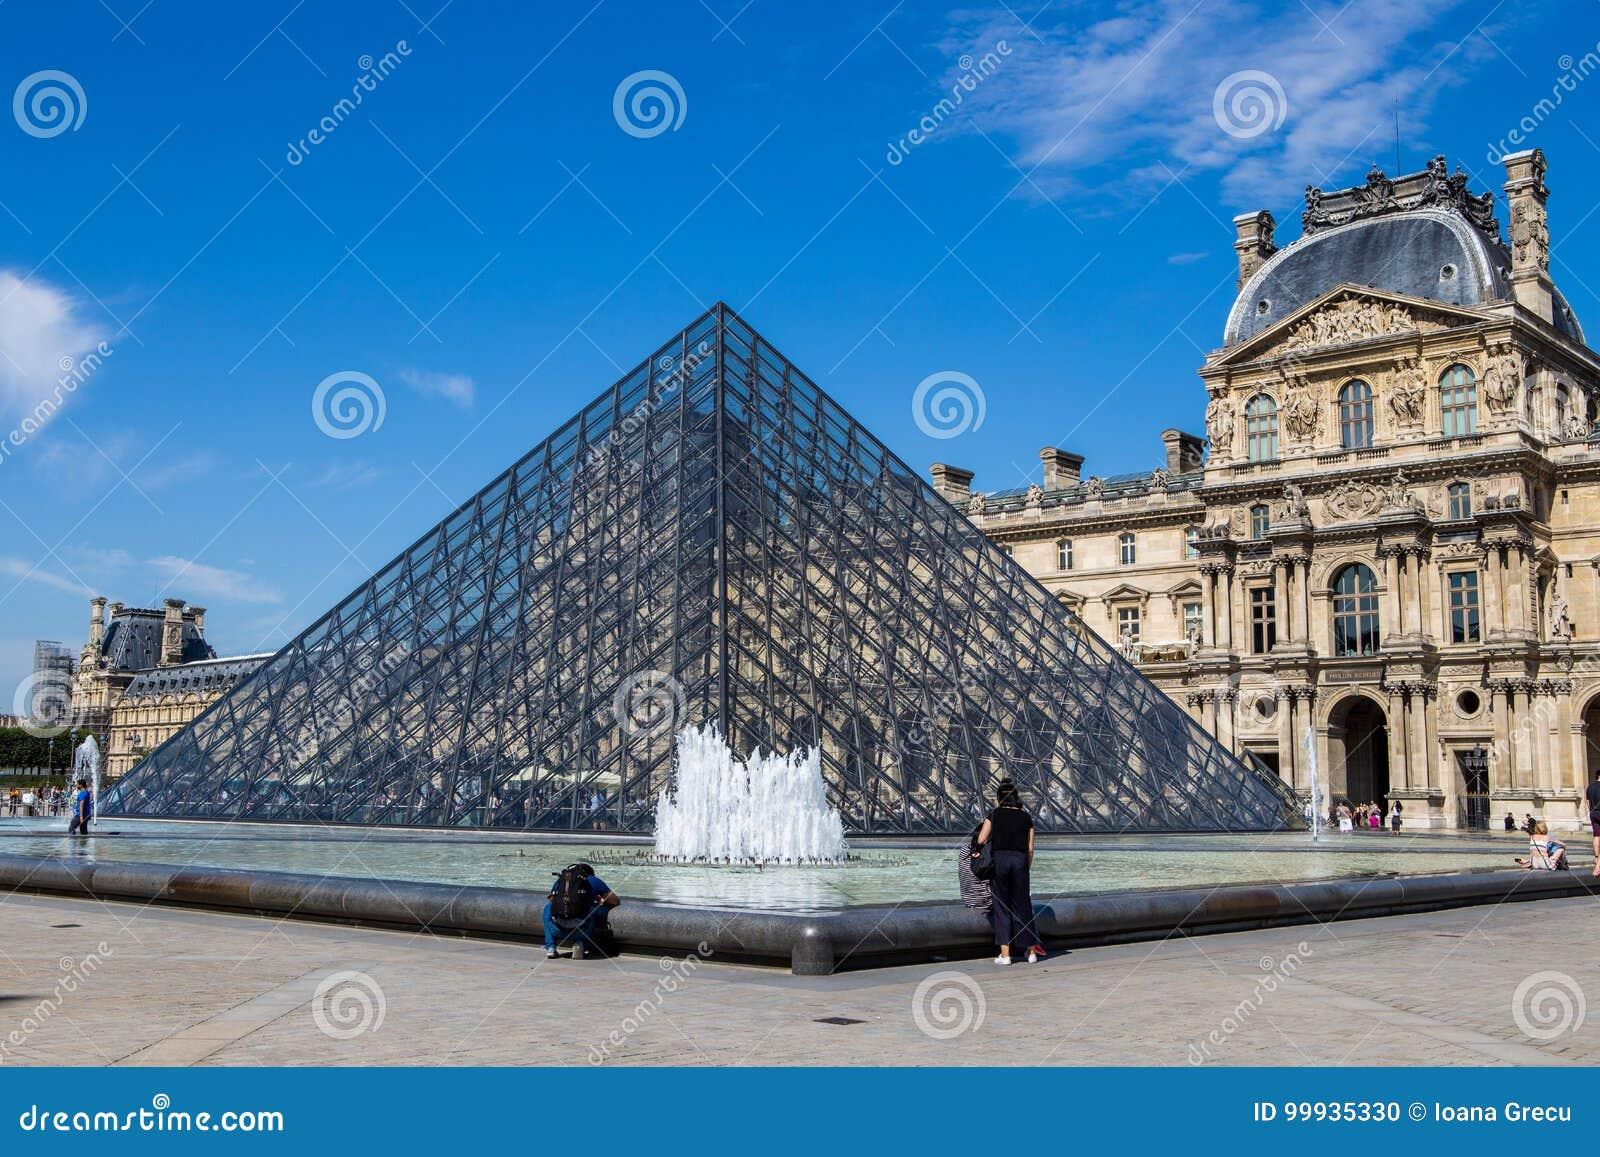 Louvre Ostrosłup Pyramide Du Louvre, Paris